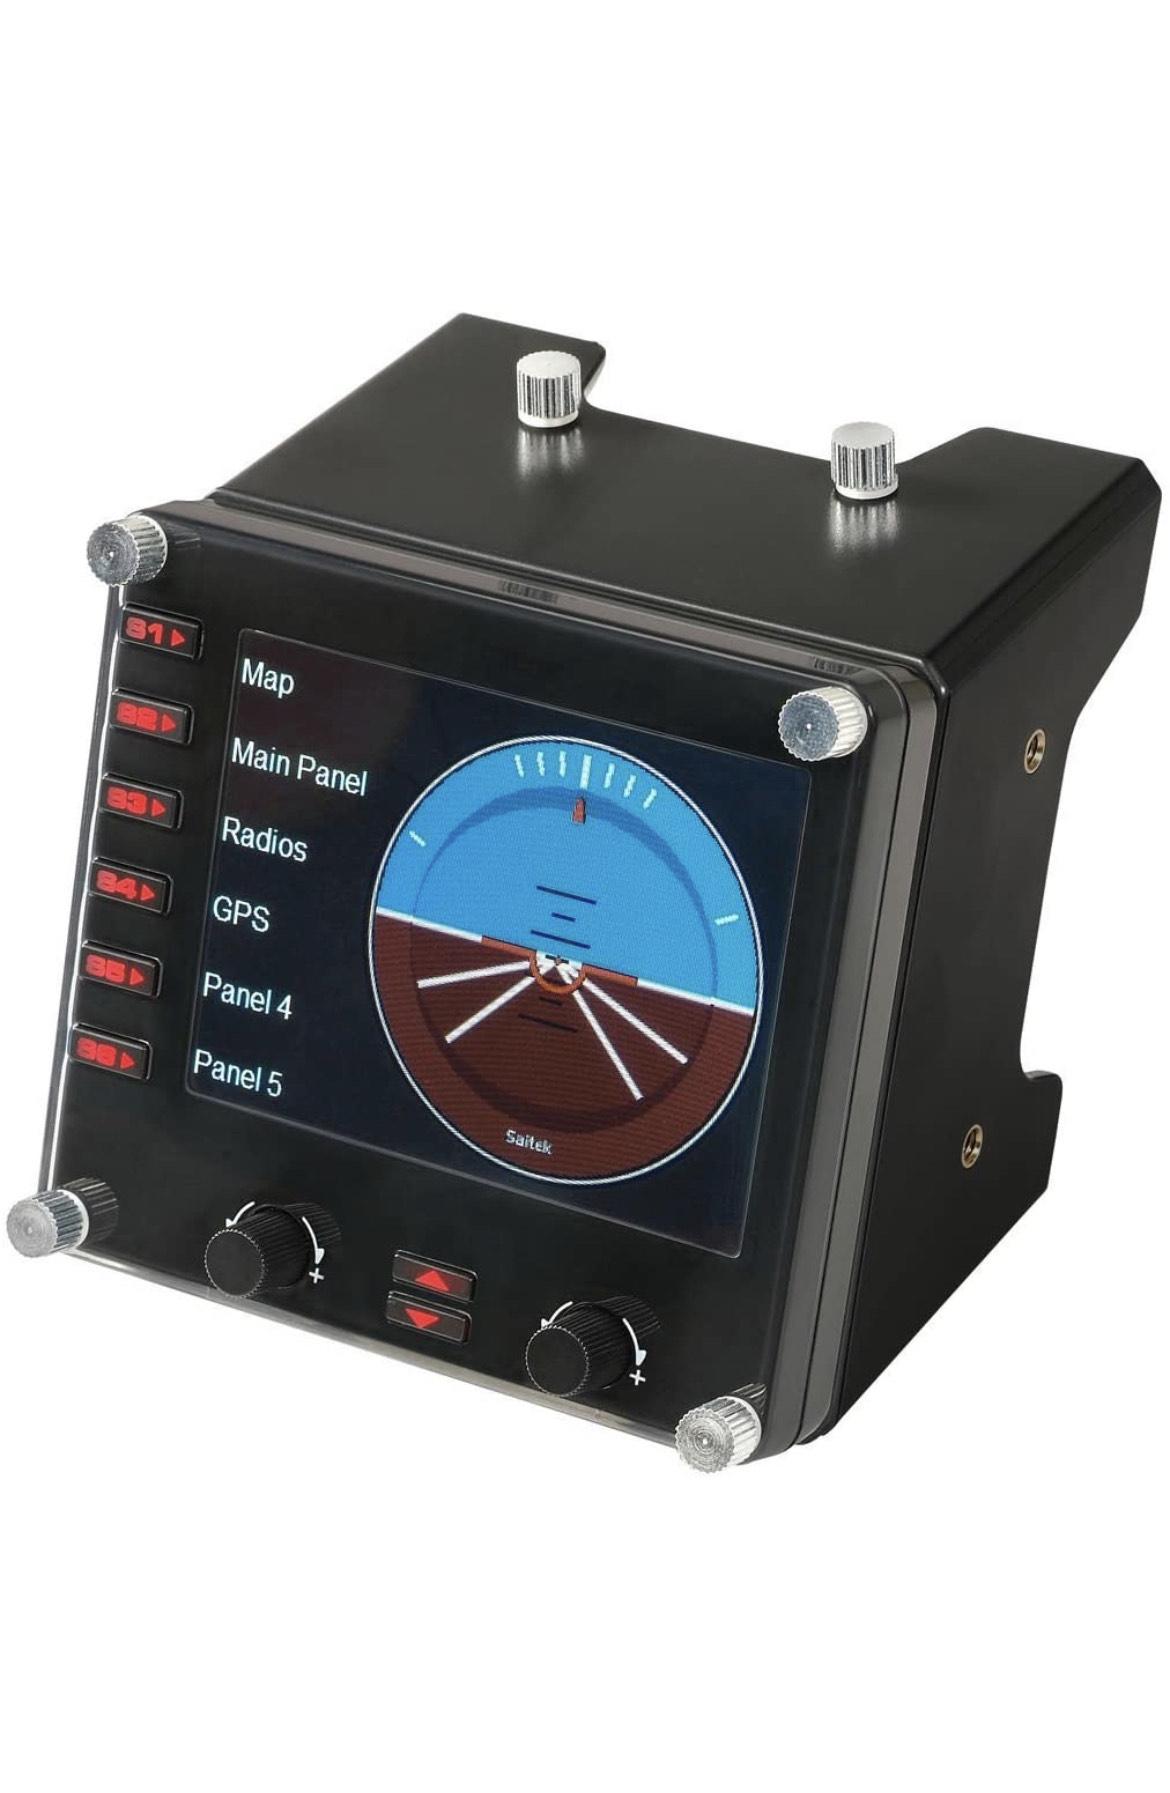 Tableau de bord pour simulateur de vol Instrument Panel Logitech G Saitek Pro Flight